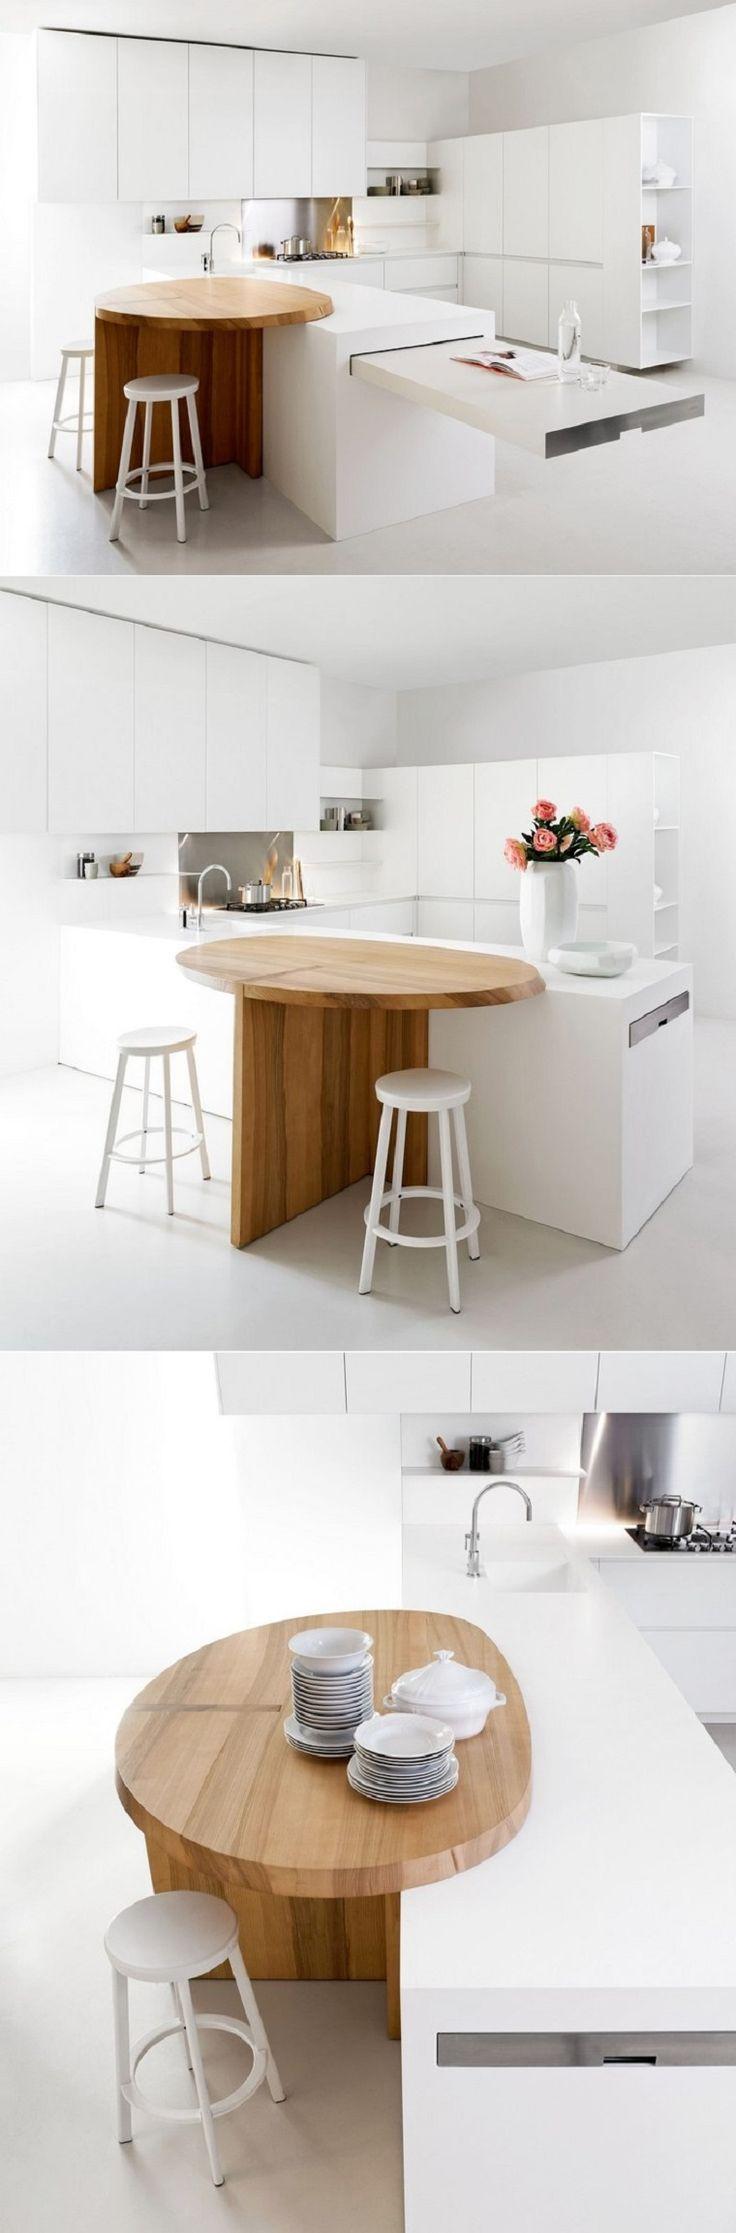 cocina al estilo minimalista con muy original